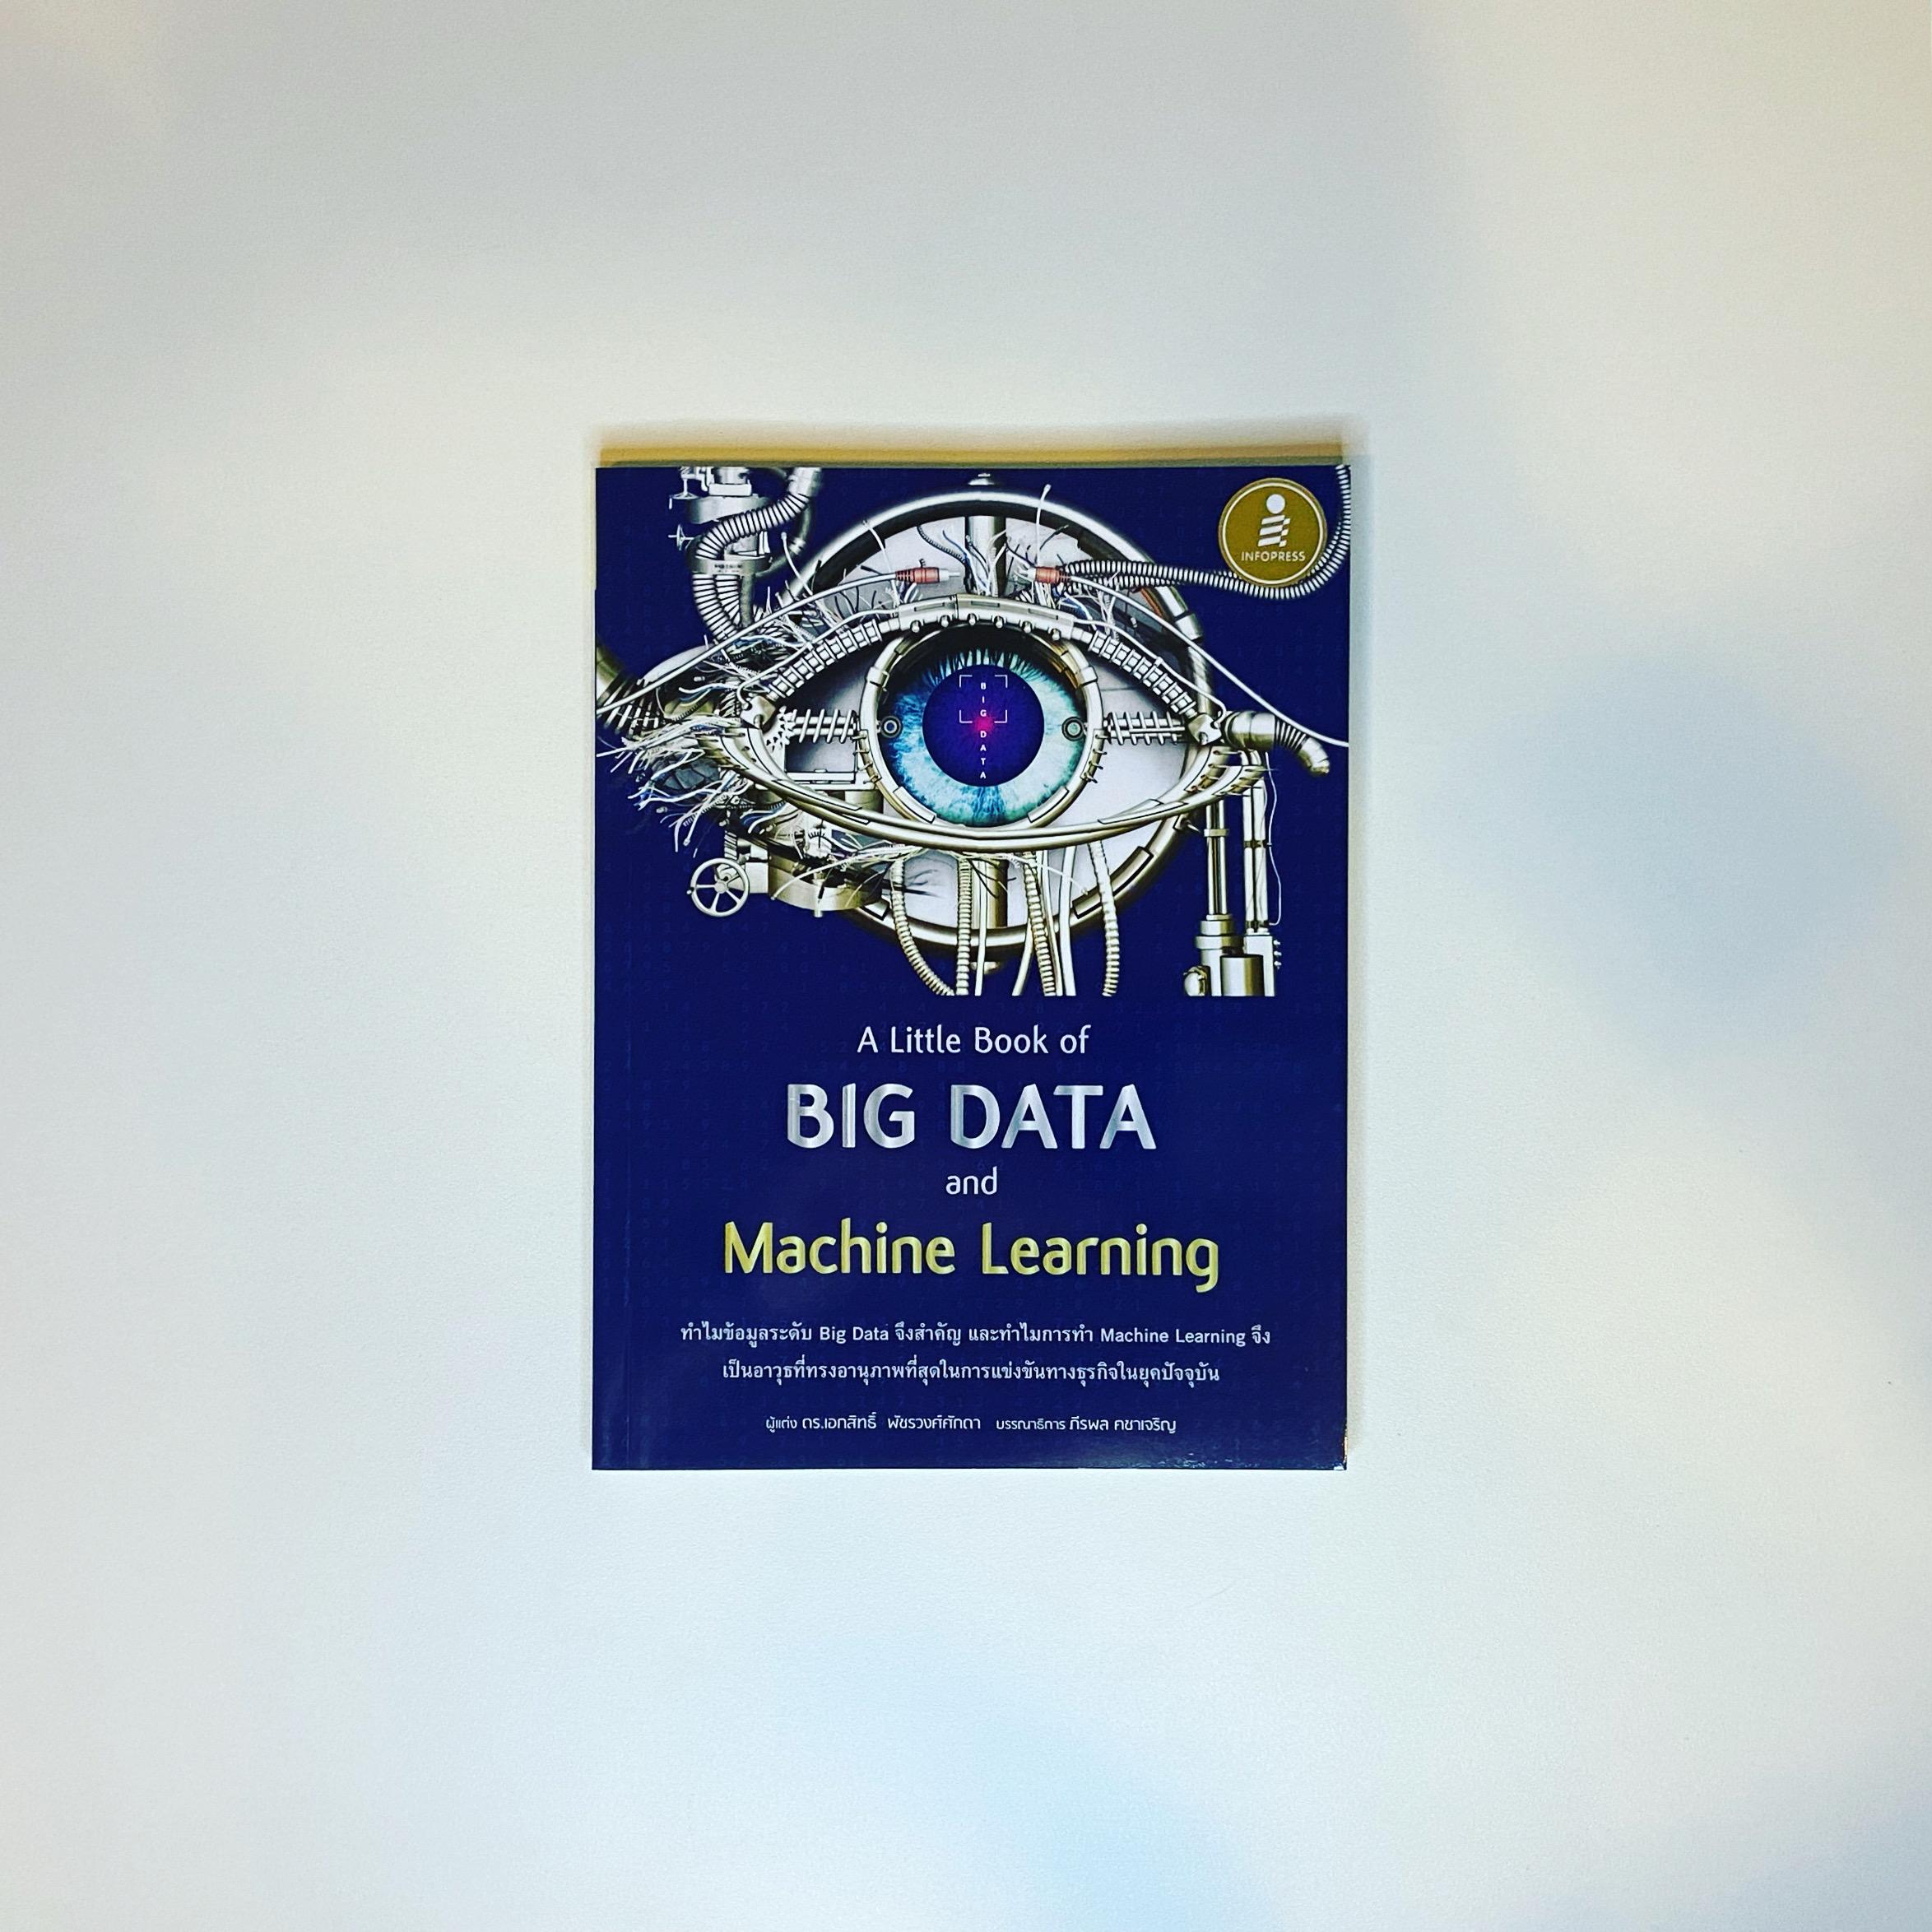 สรุปหนังสือ A Little Book of BIG DATA and Machine Learning ดร.เอกสิทธิ์ พัชรวงศ์ศักดา ที่จะทำให้คุณเข้าใจเทคนิคการทำ Data Science ได้ไม่ยาก